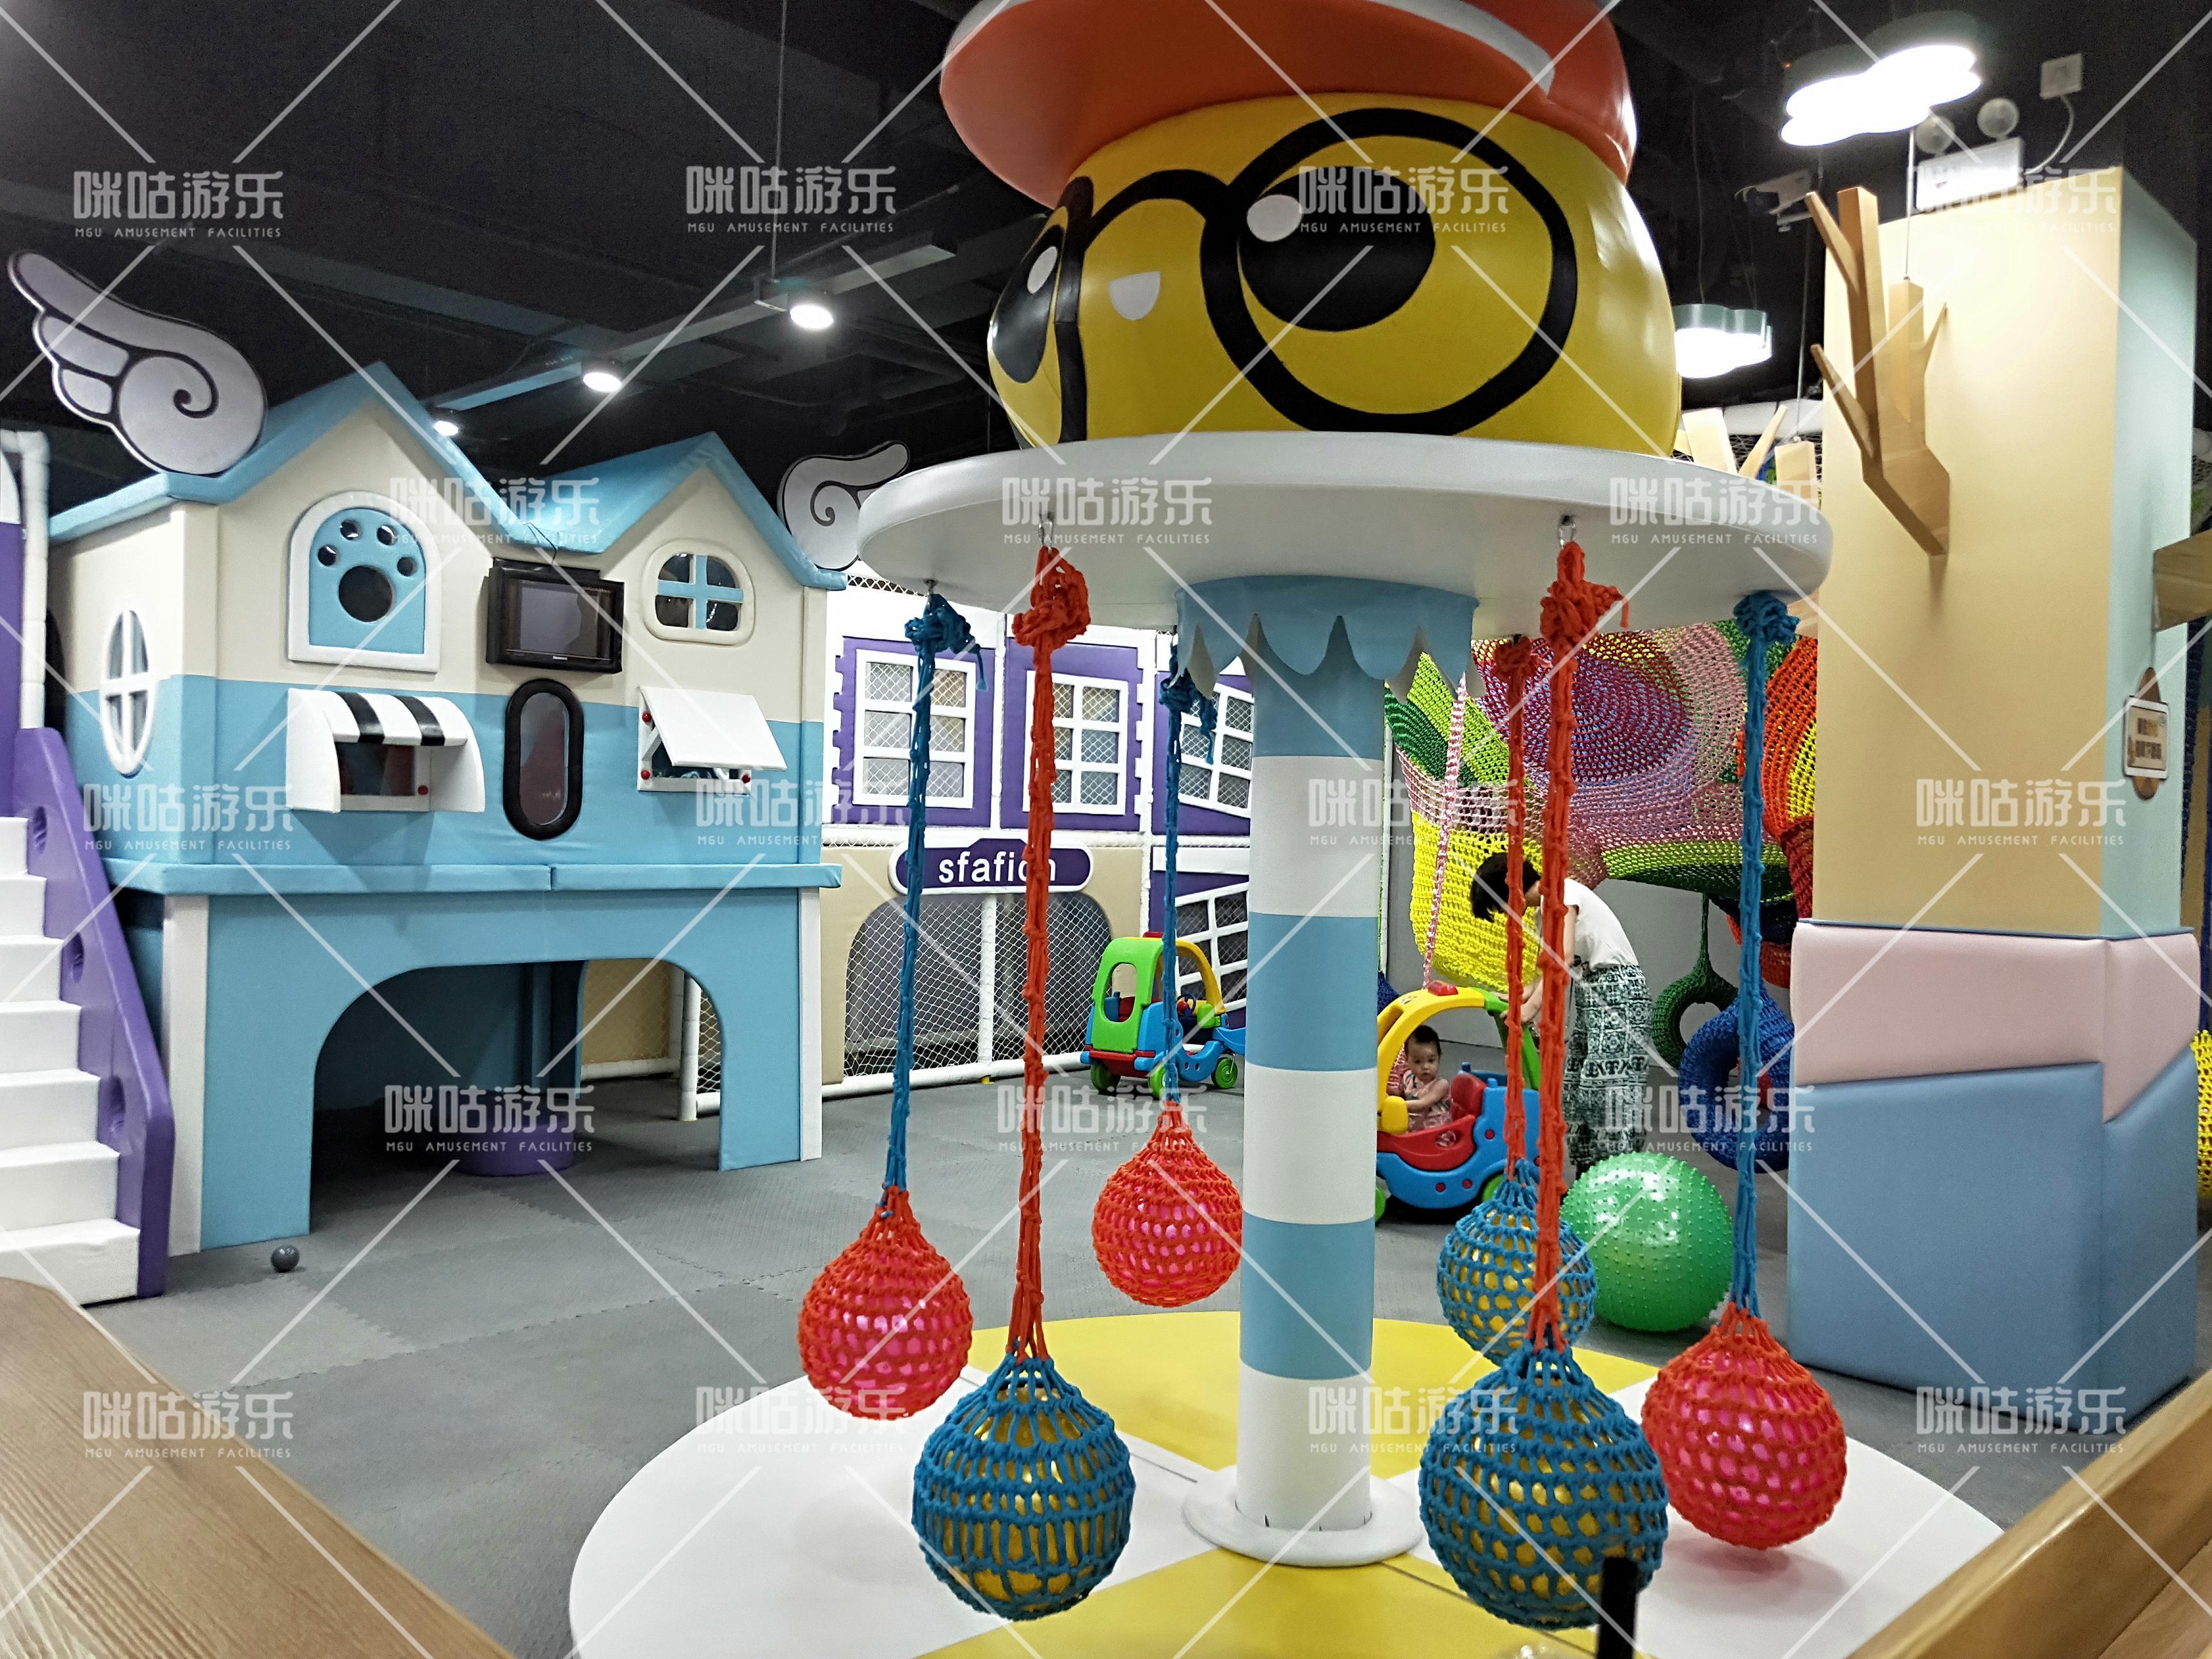 微信图片_20200429155859.jpg 咸阳怎么开儿童乐园? 加盟资讯 游乐设备第1张